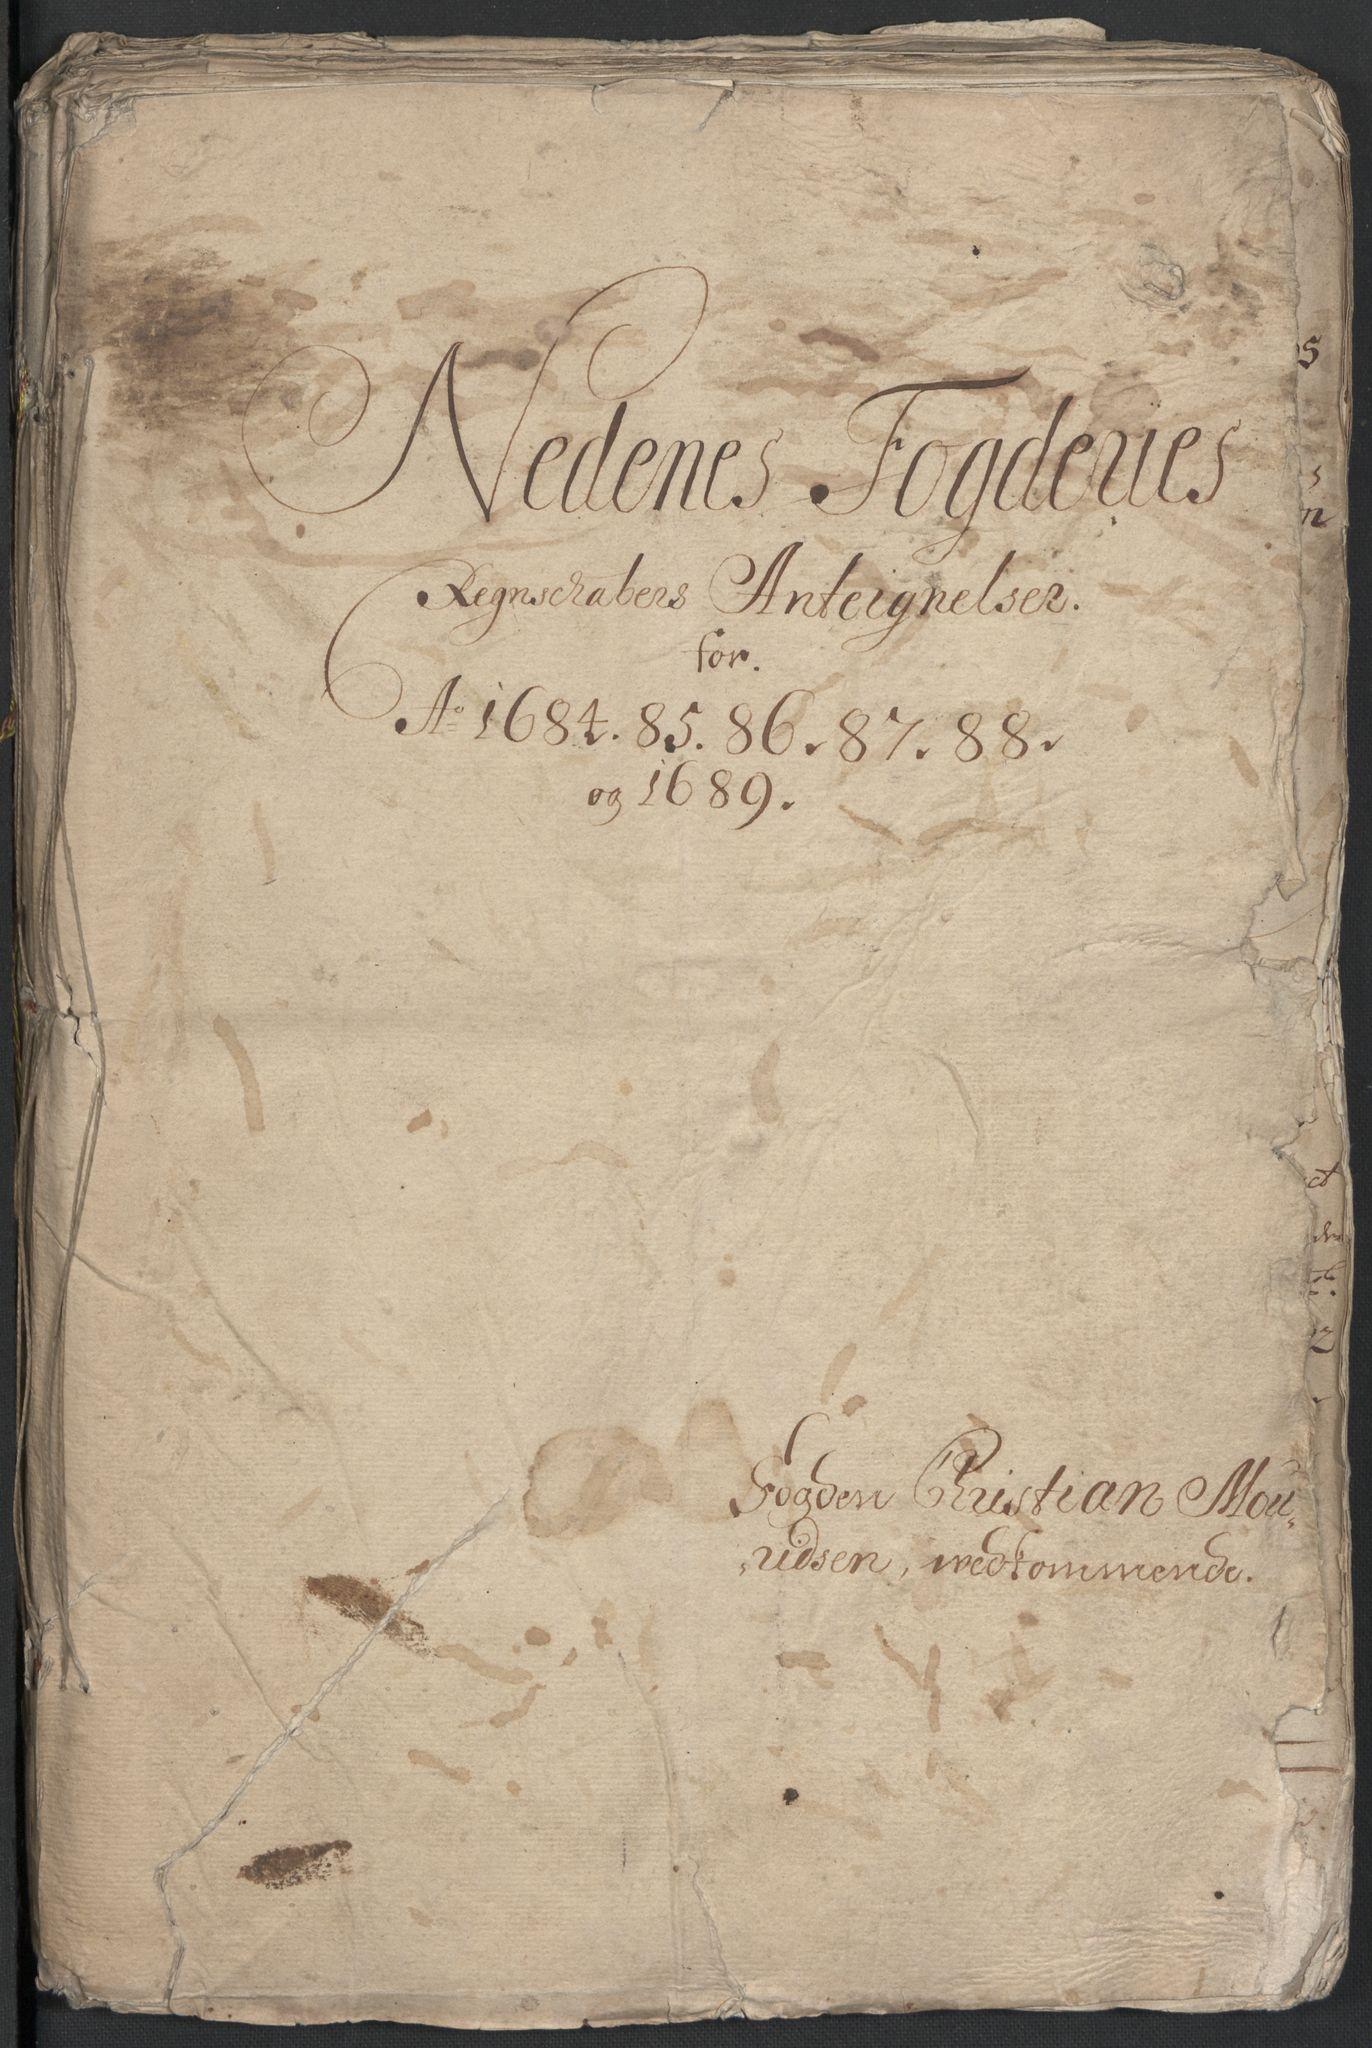 RA, Rentekammeret inntil 1814, Reviderte regnskaper, Fogderegnskap, R39/L2307: Fogderegnskap Nedenes, 1684-1689, s. 161